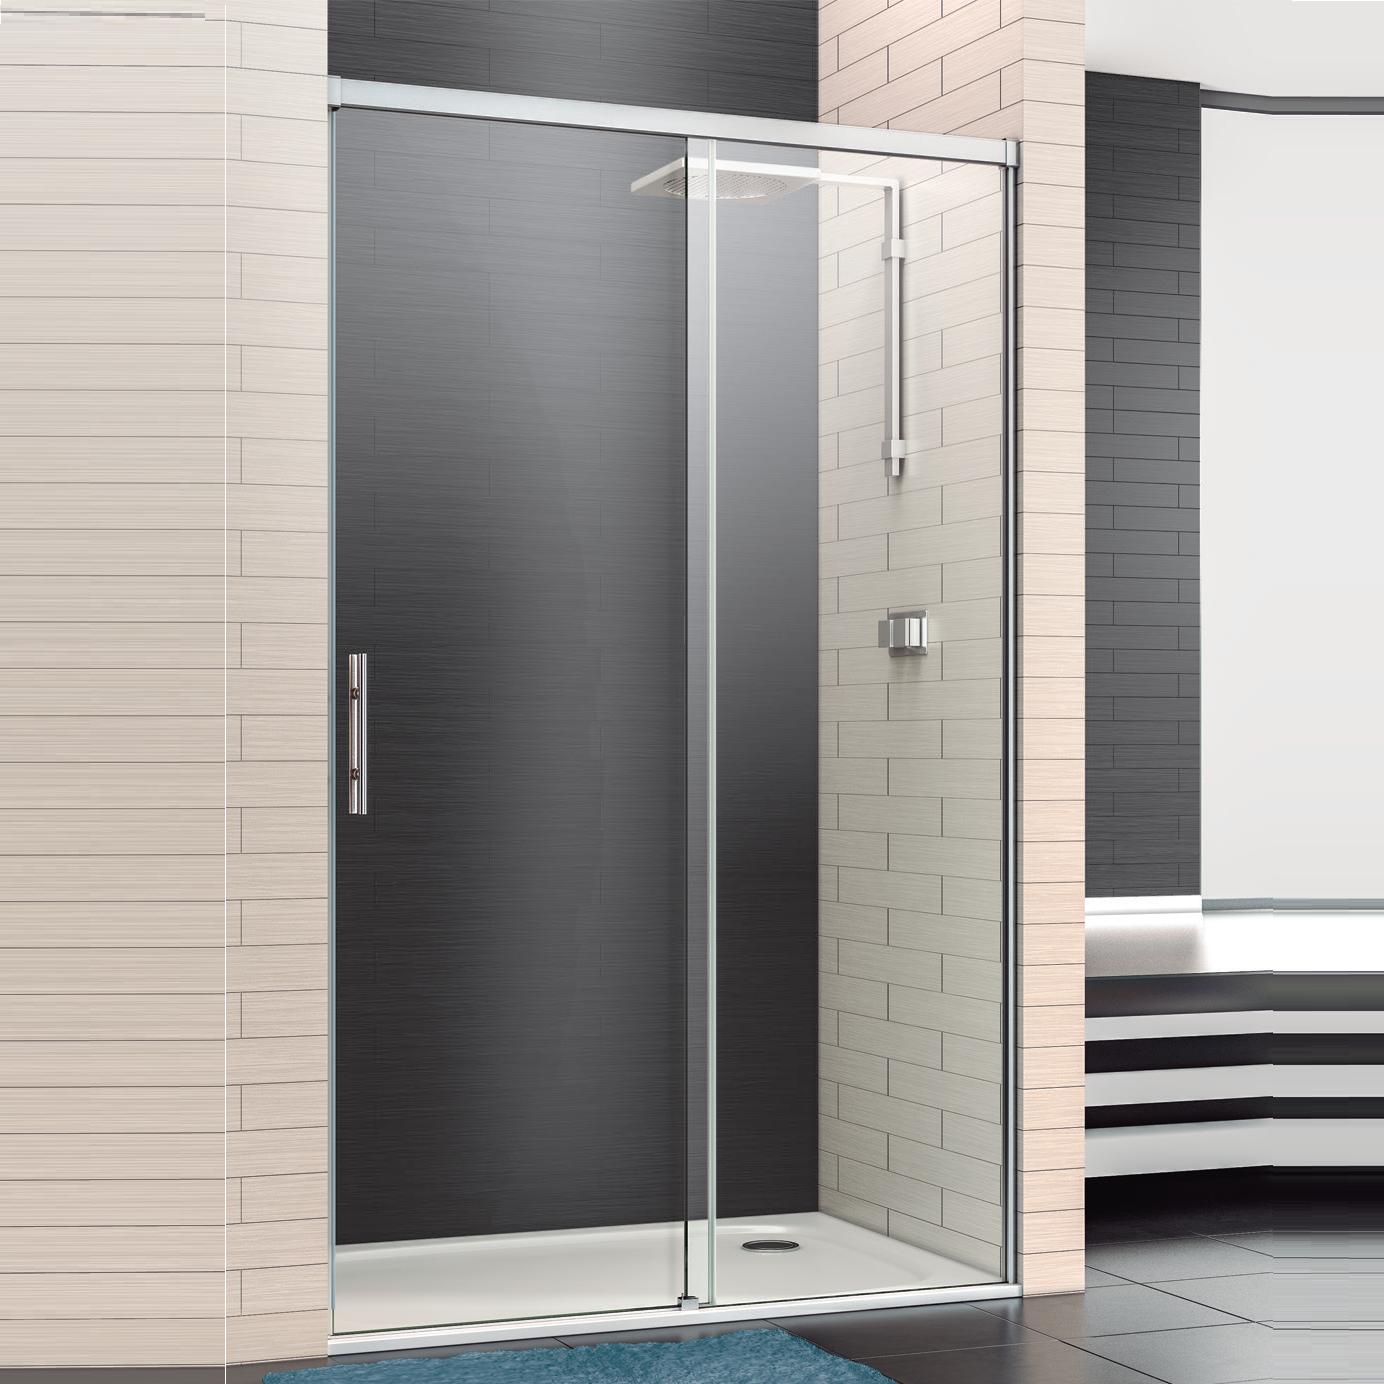 Mamparas para ducha glassic - Mamparas de bano ...